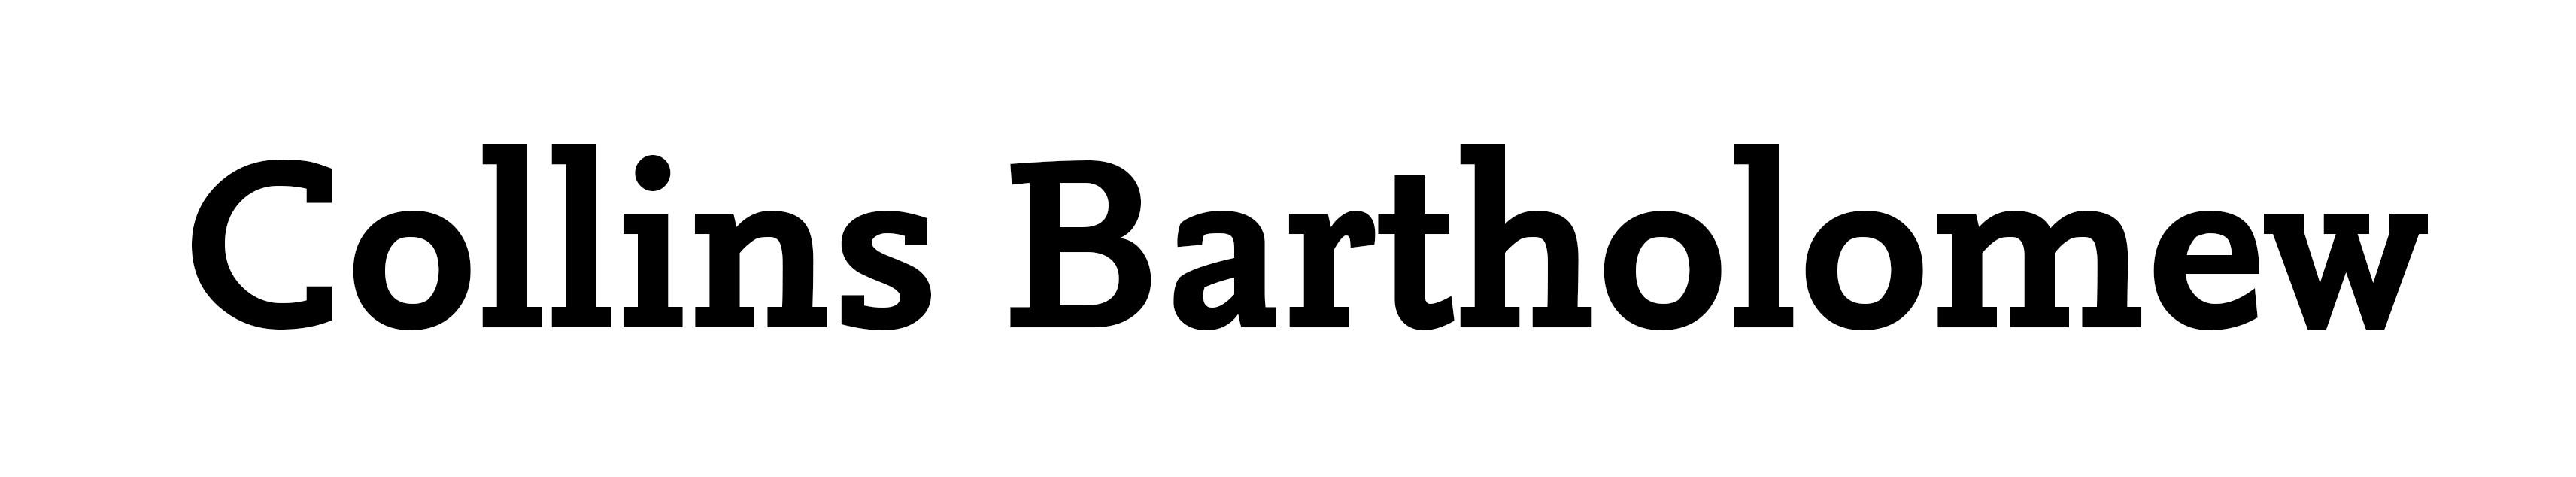 Collins Bartholomew logo